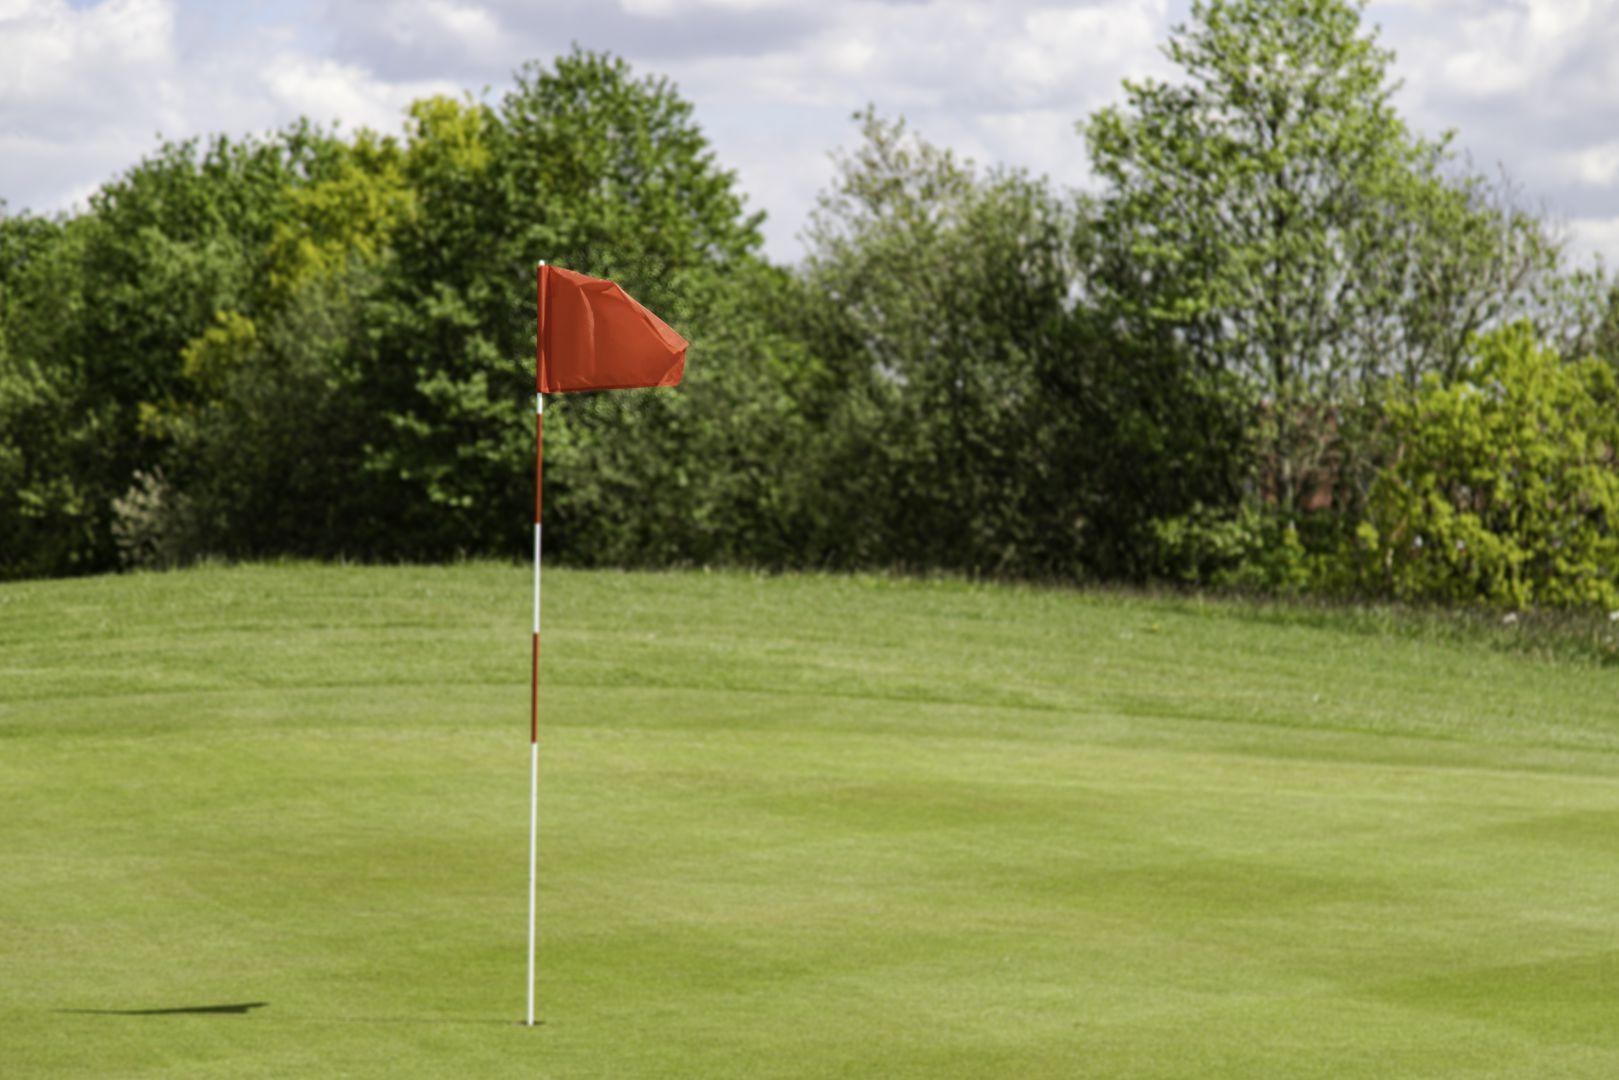 Fahne auf dem Golfplatz in Lilienthal